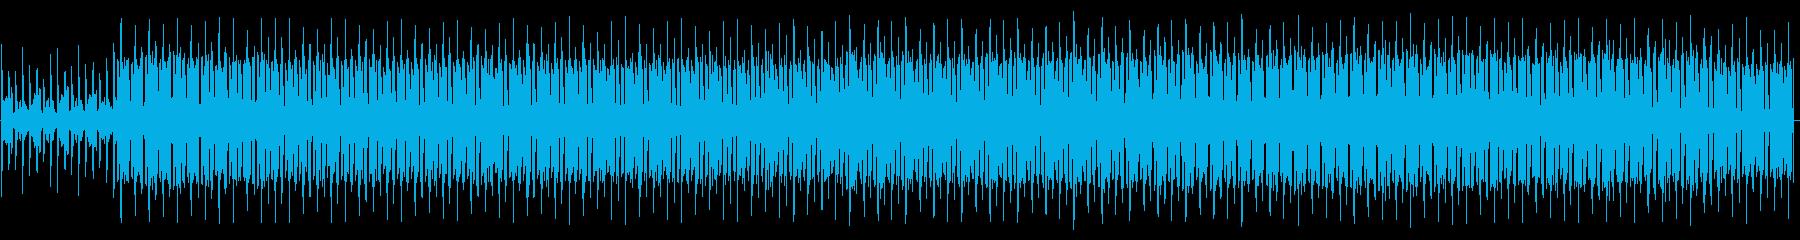 プログレッシブ。ニューダンス。の再生済みの波形